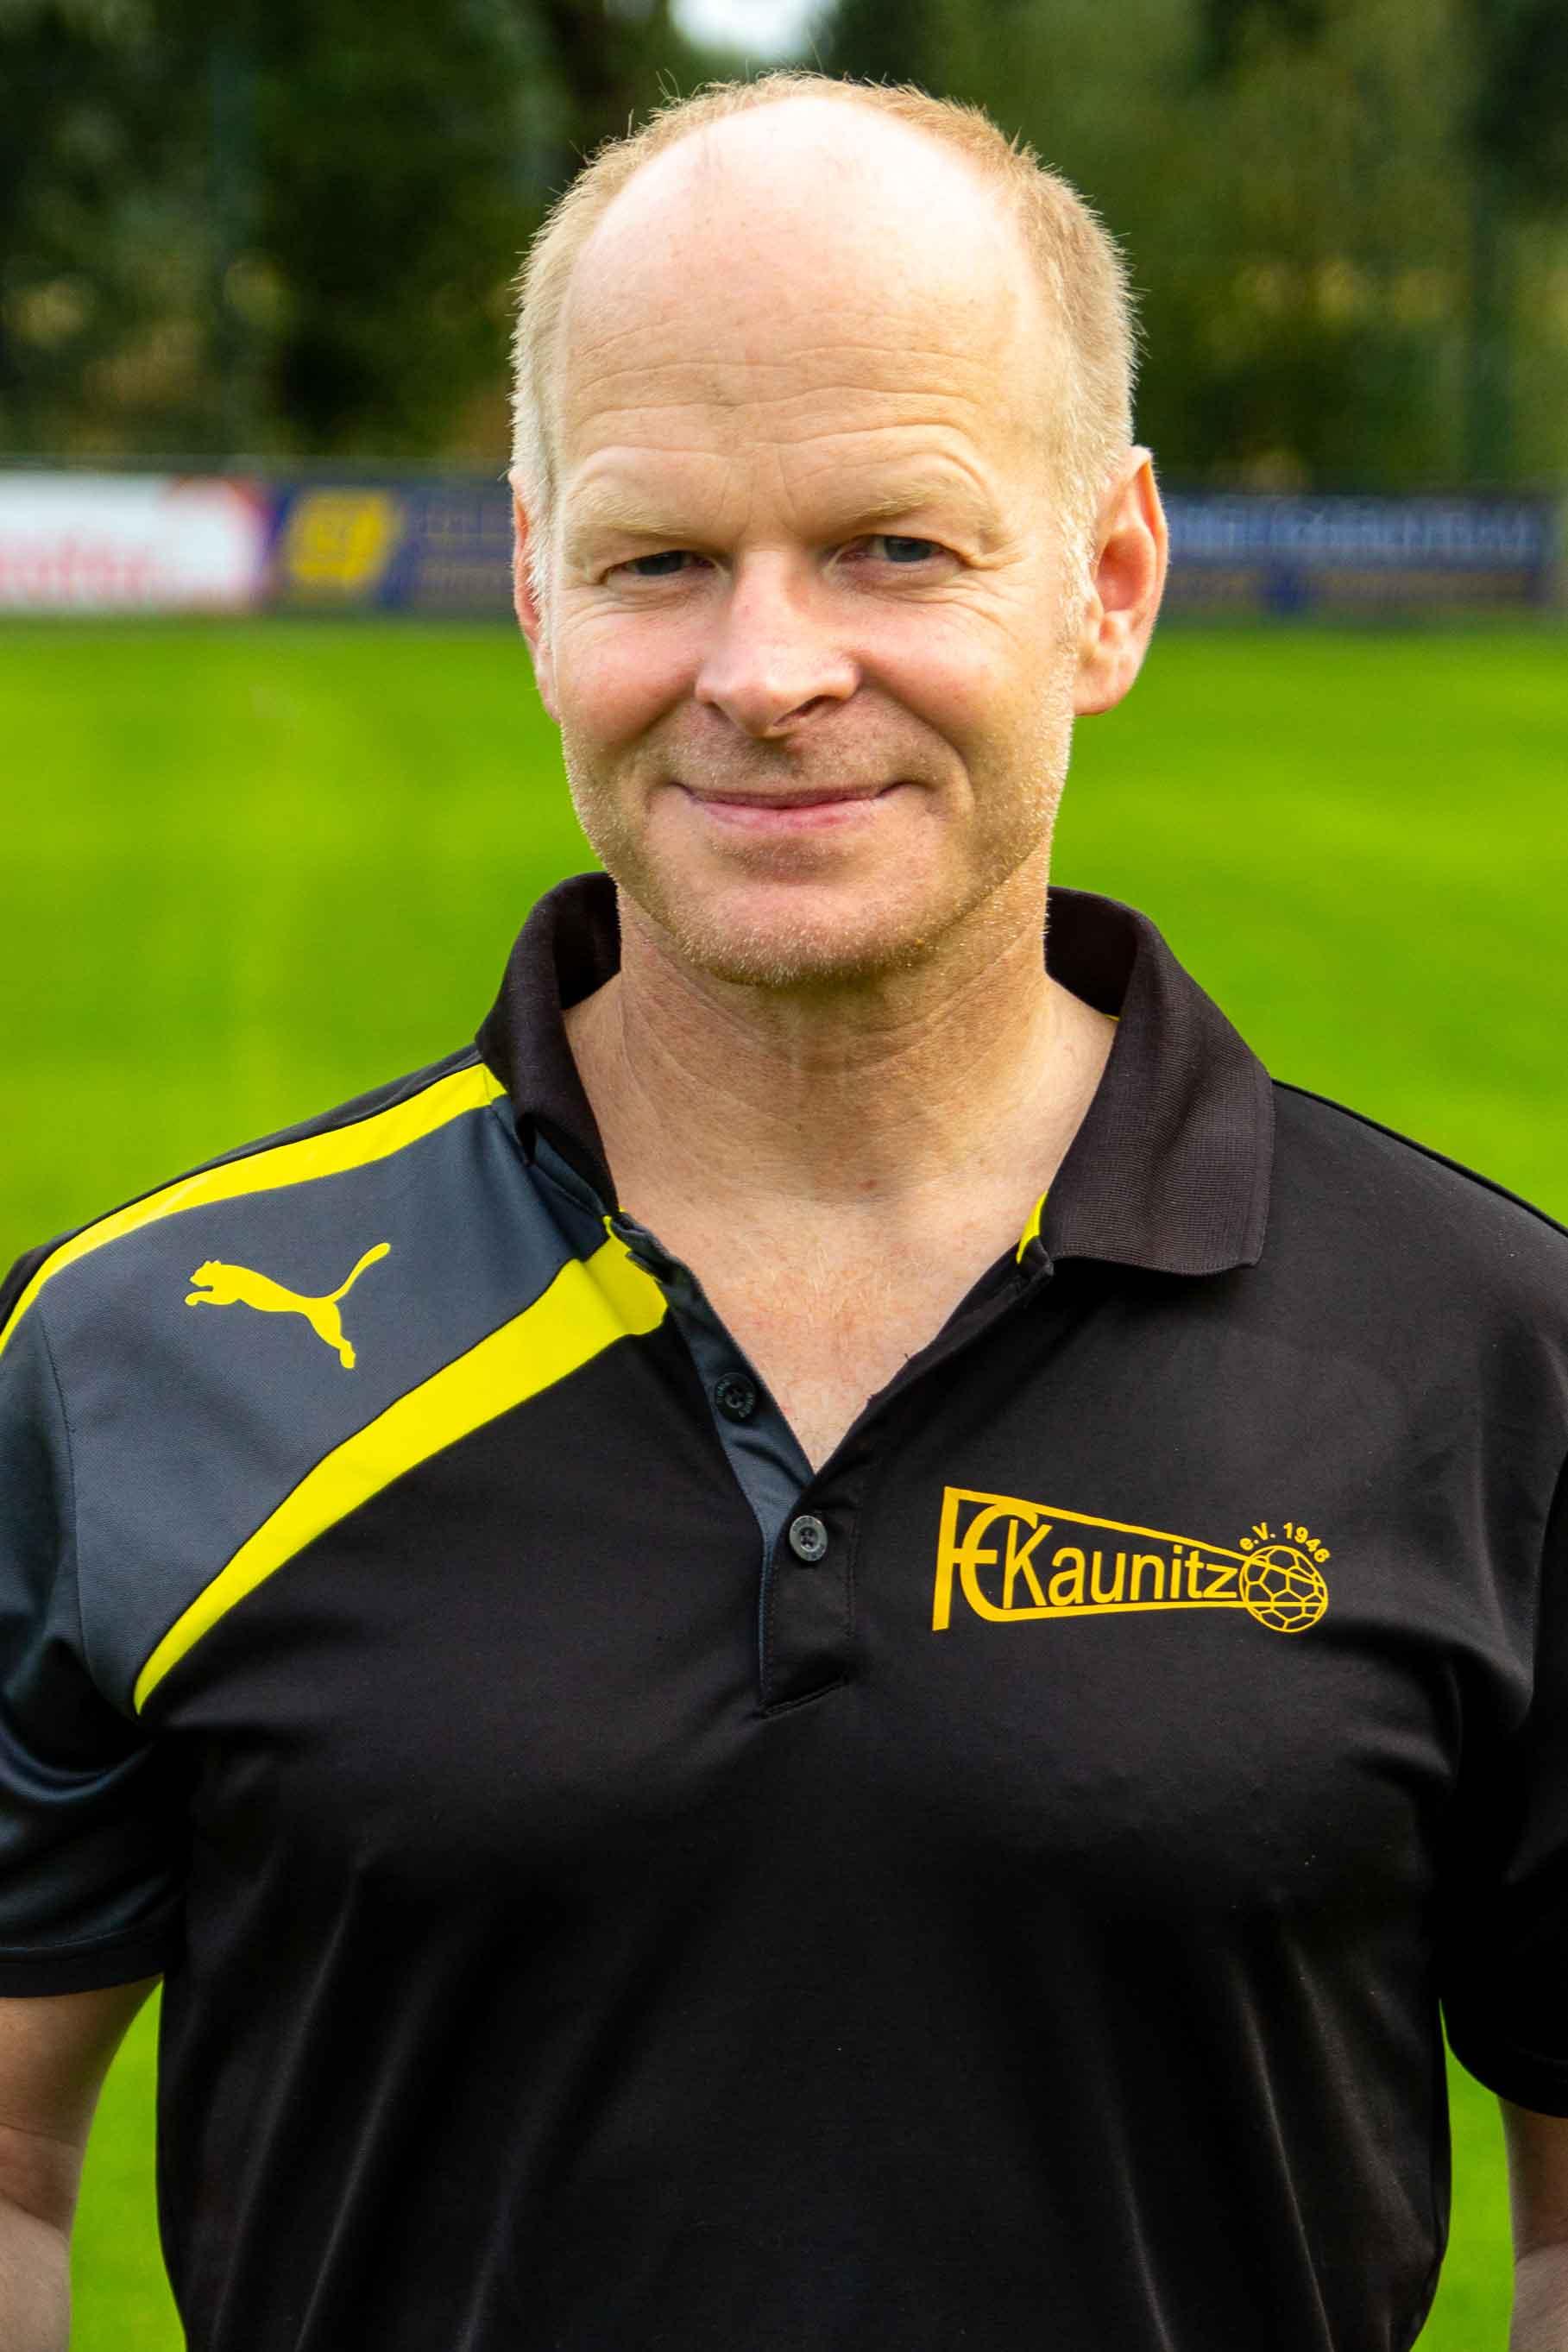 Markus Brummel